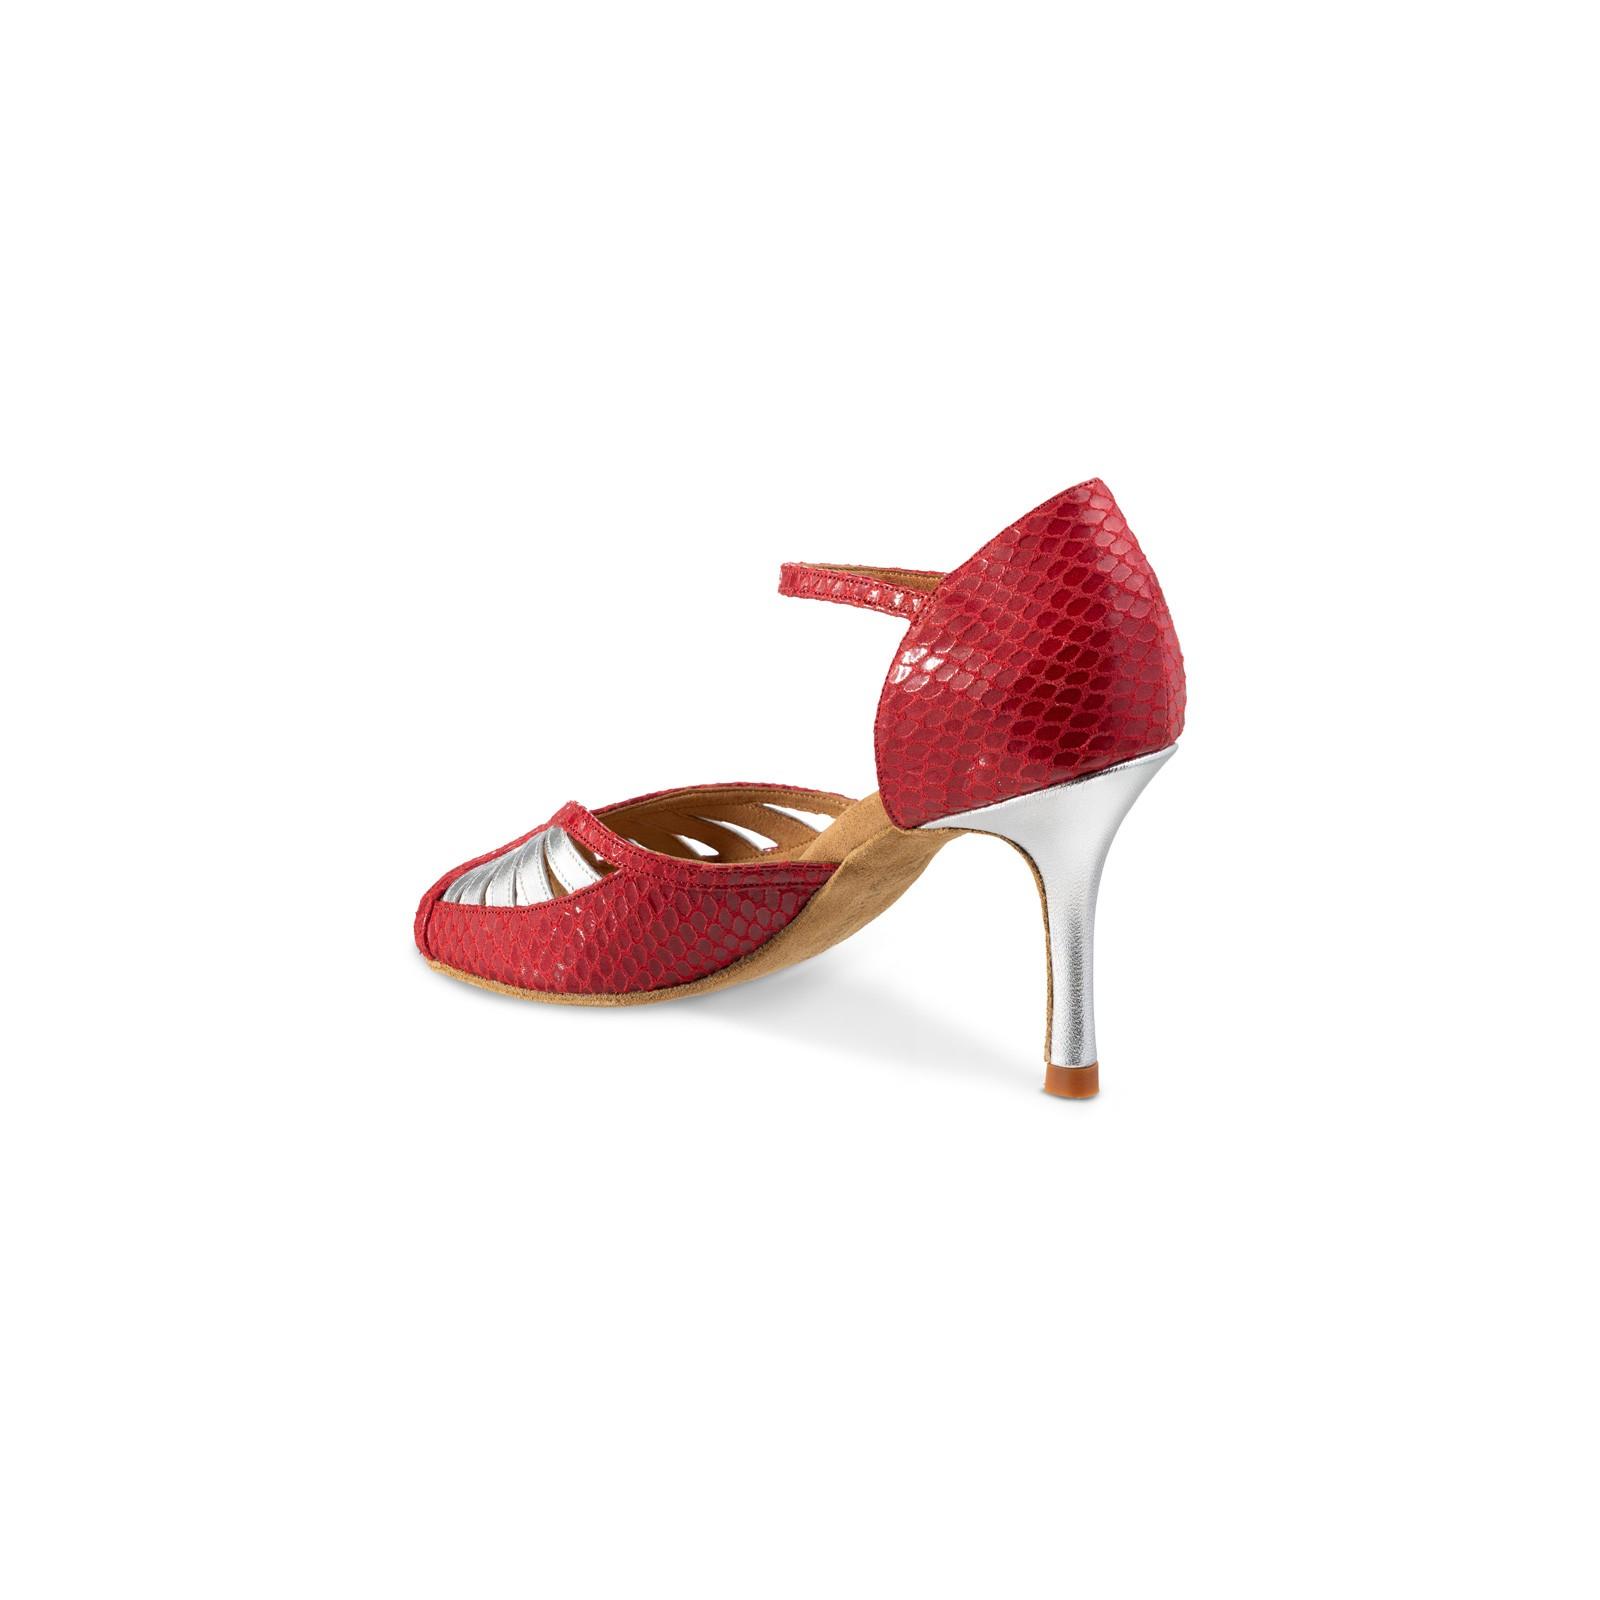 Chaussures de danse Rummos Olivia cuir serpent rouge www